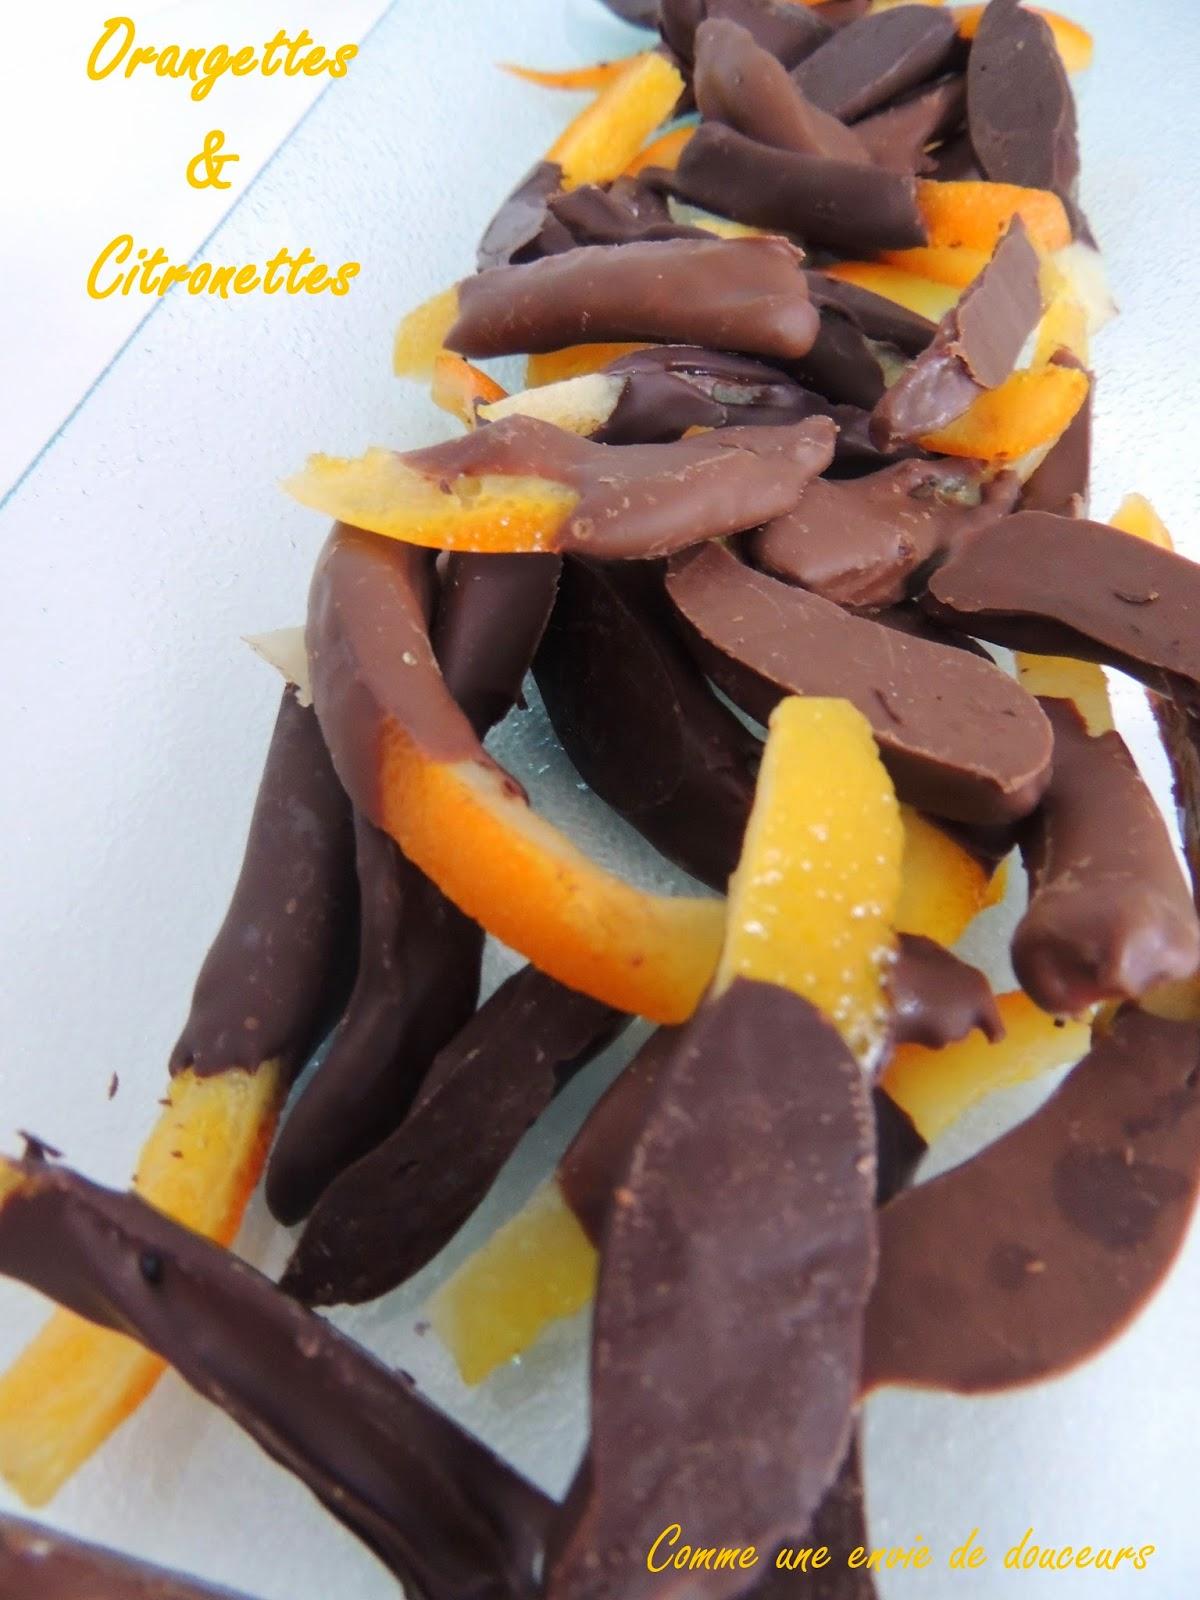 Orangettes (Candied Orange Peels) Recipe — Dishmaps